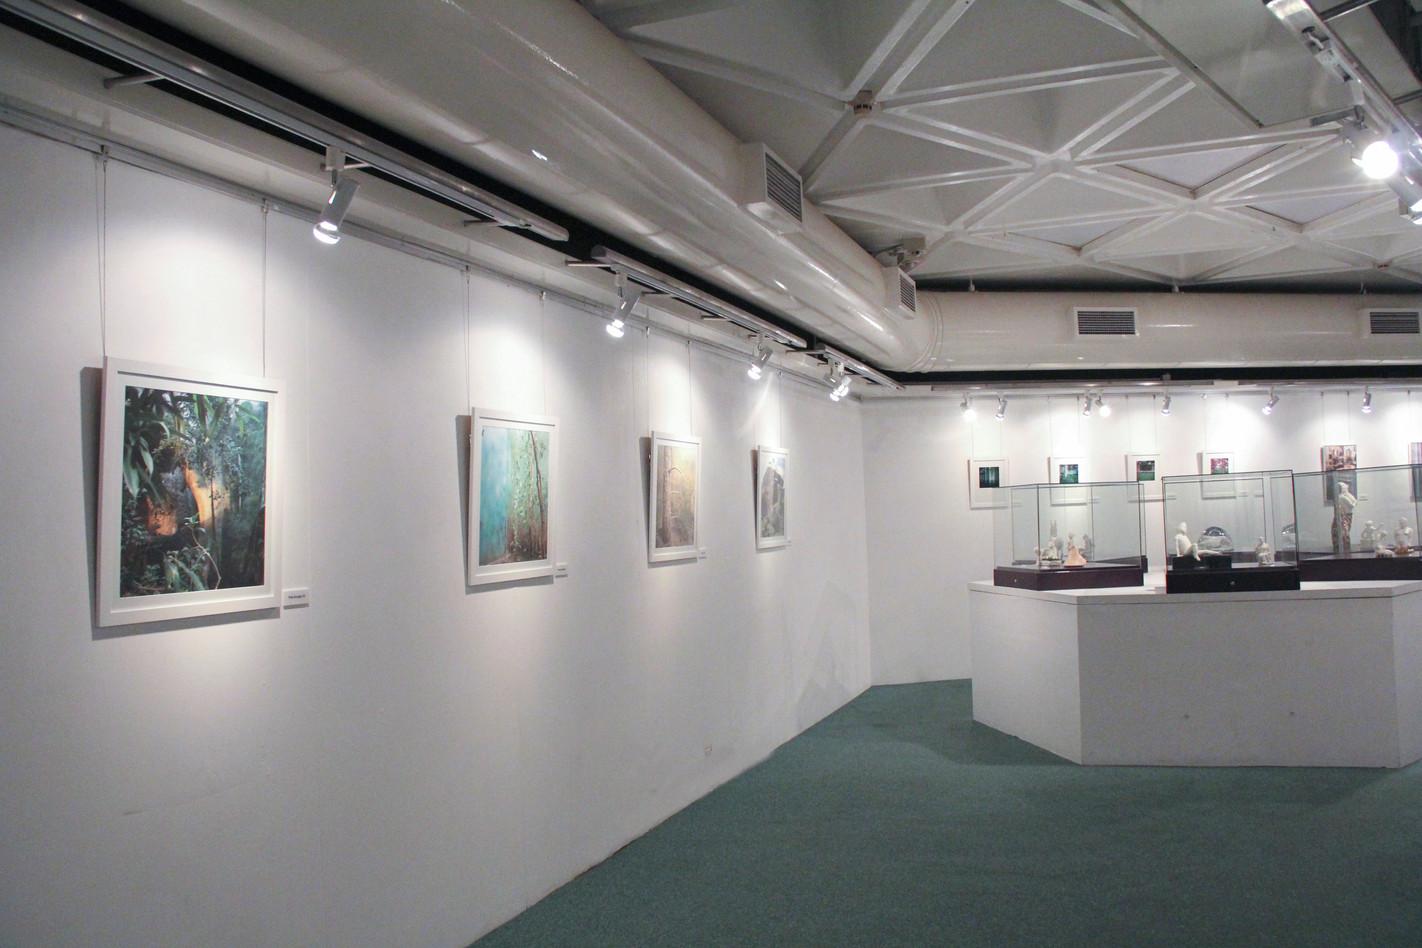 Hongkong Art Center, 2014